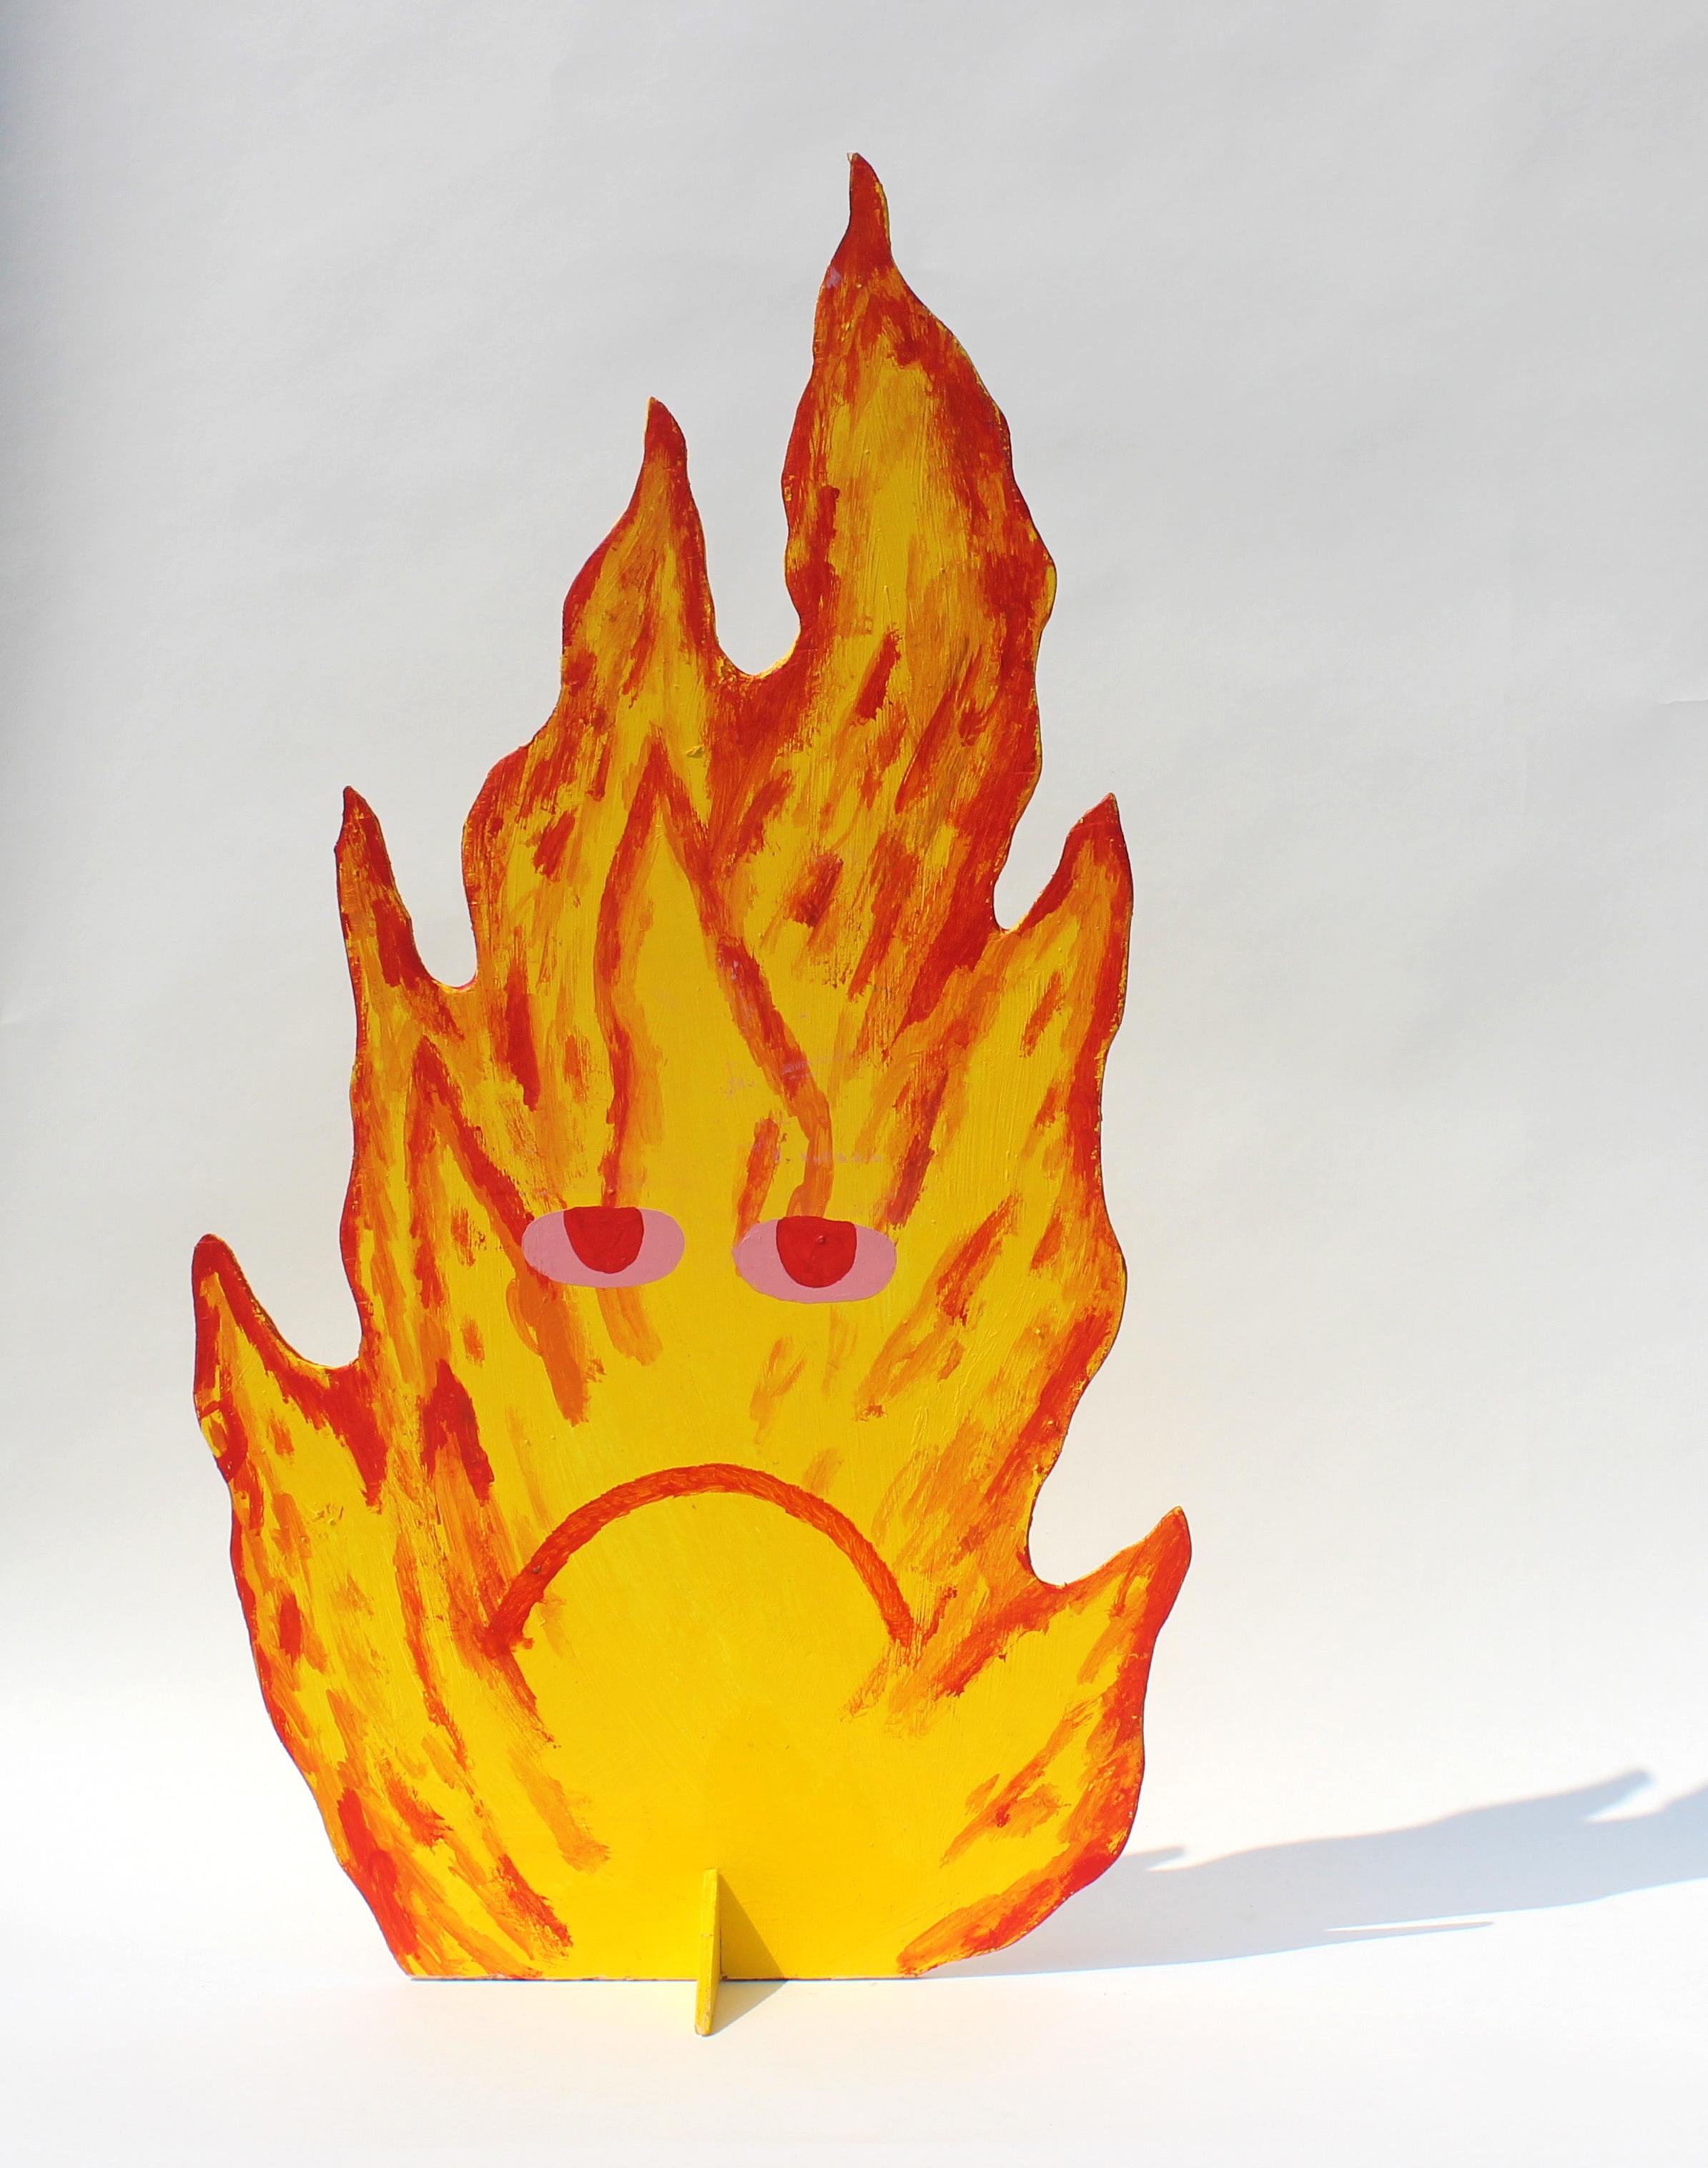 Grumpy_Fire2_web_2389.jpg